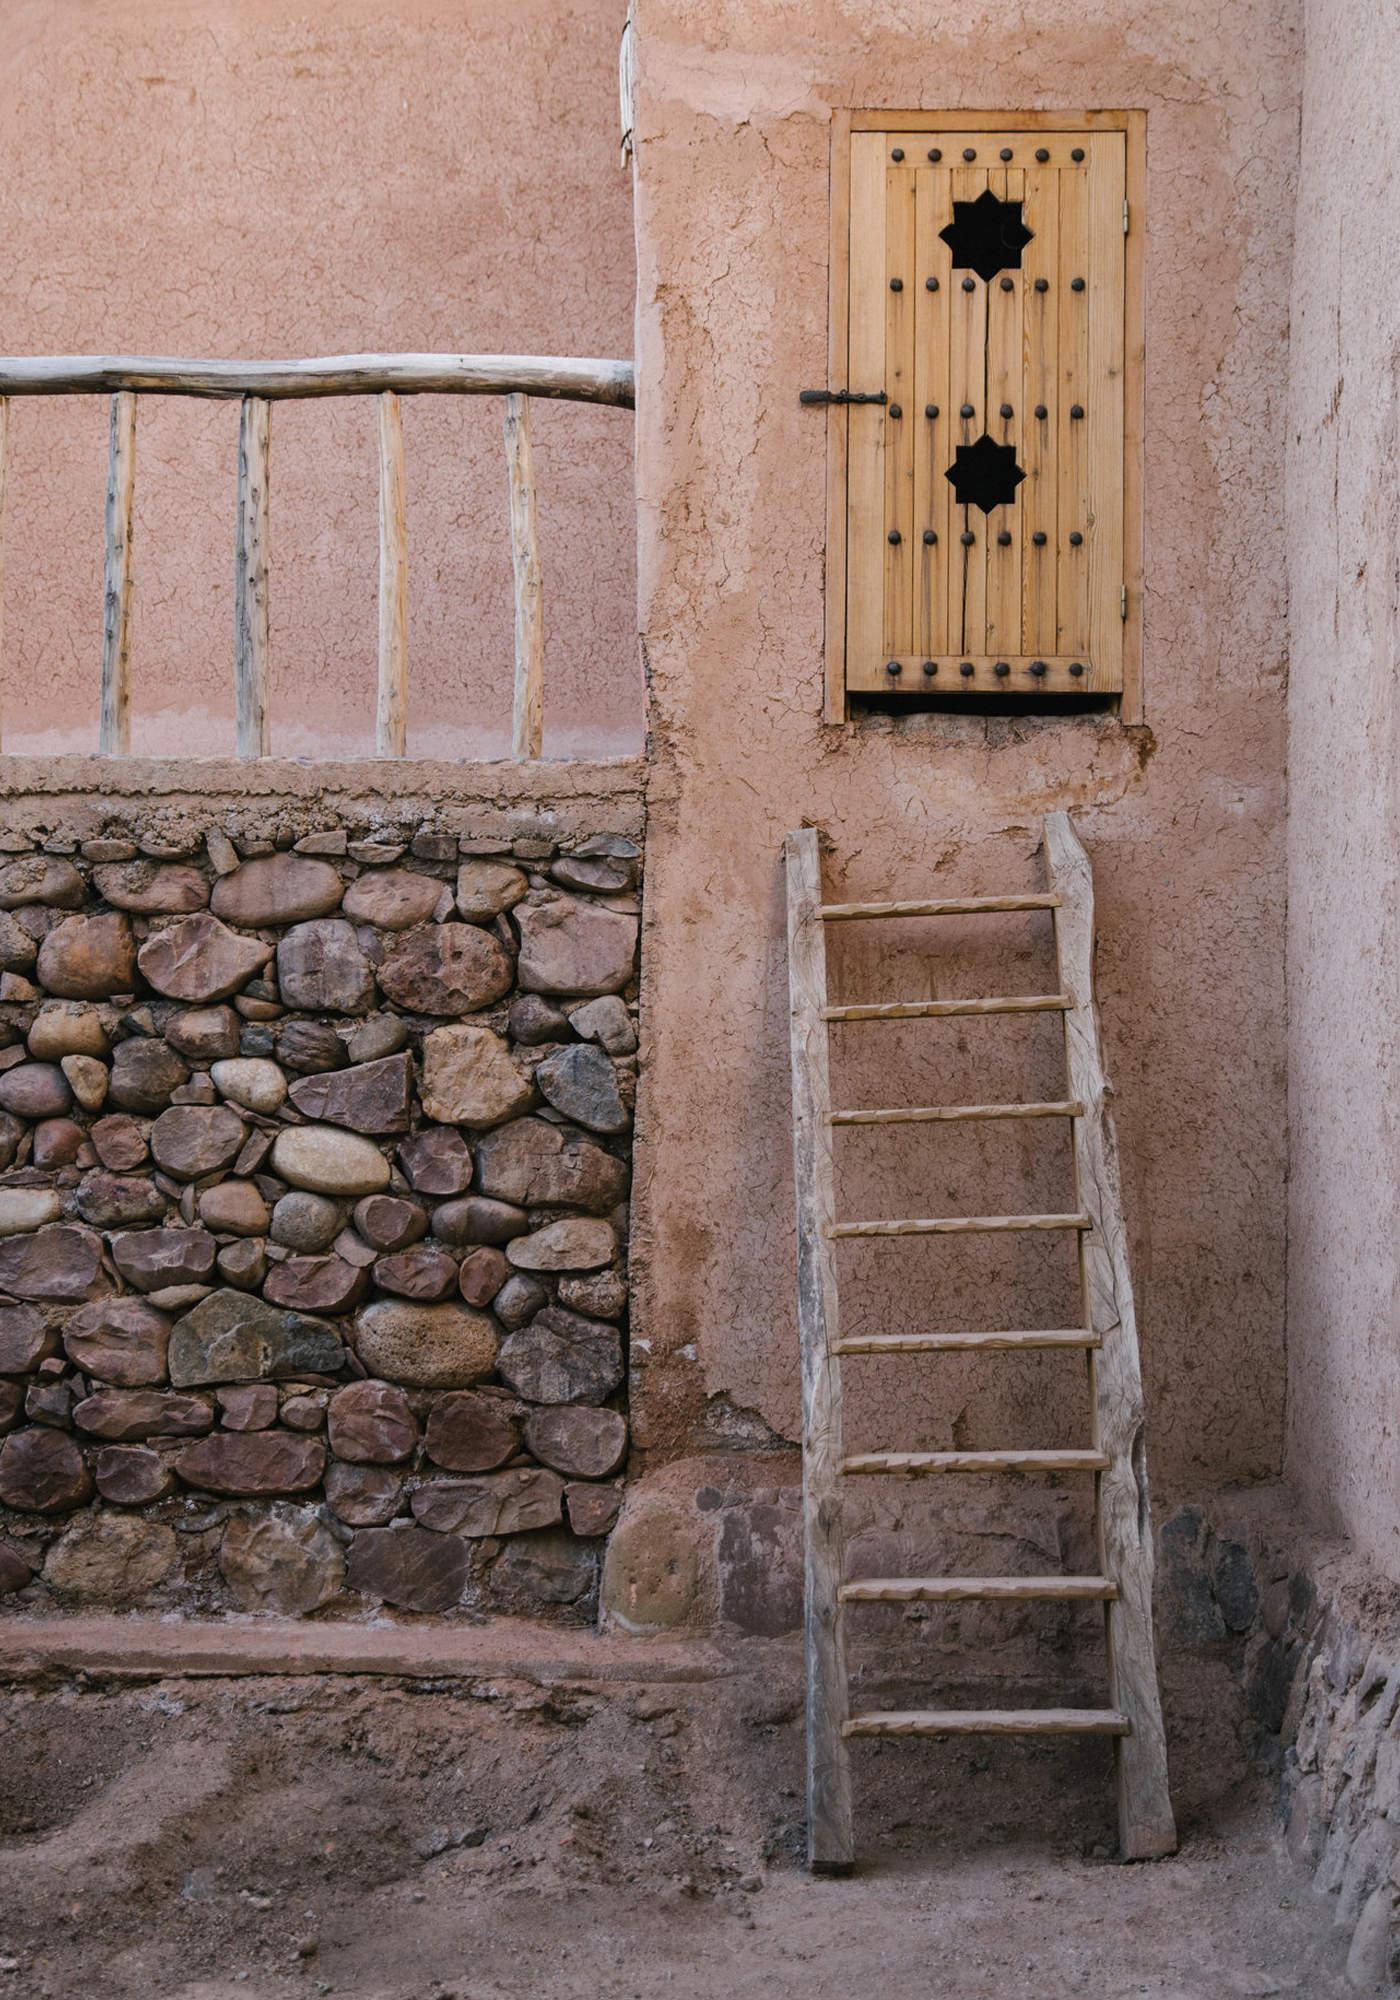 Berber Lodge Hotel Maison Oumnas Maroc Cour Extérieure